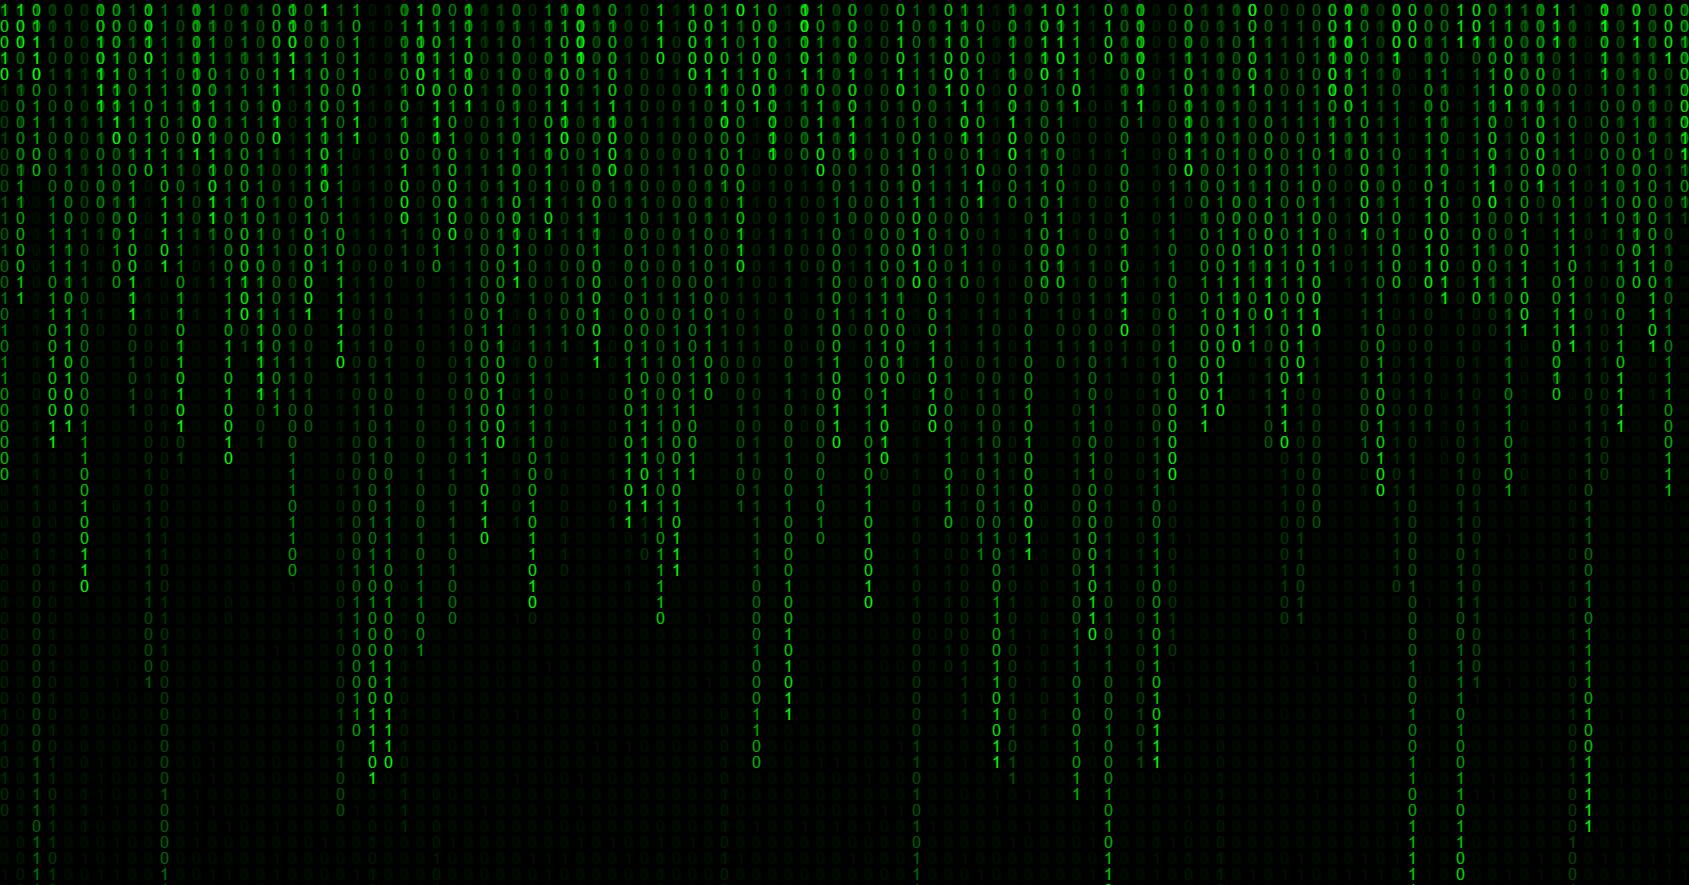 美国征信公司易速传真泄露约1.43亿名用户数据